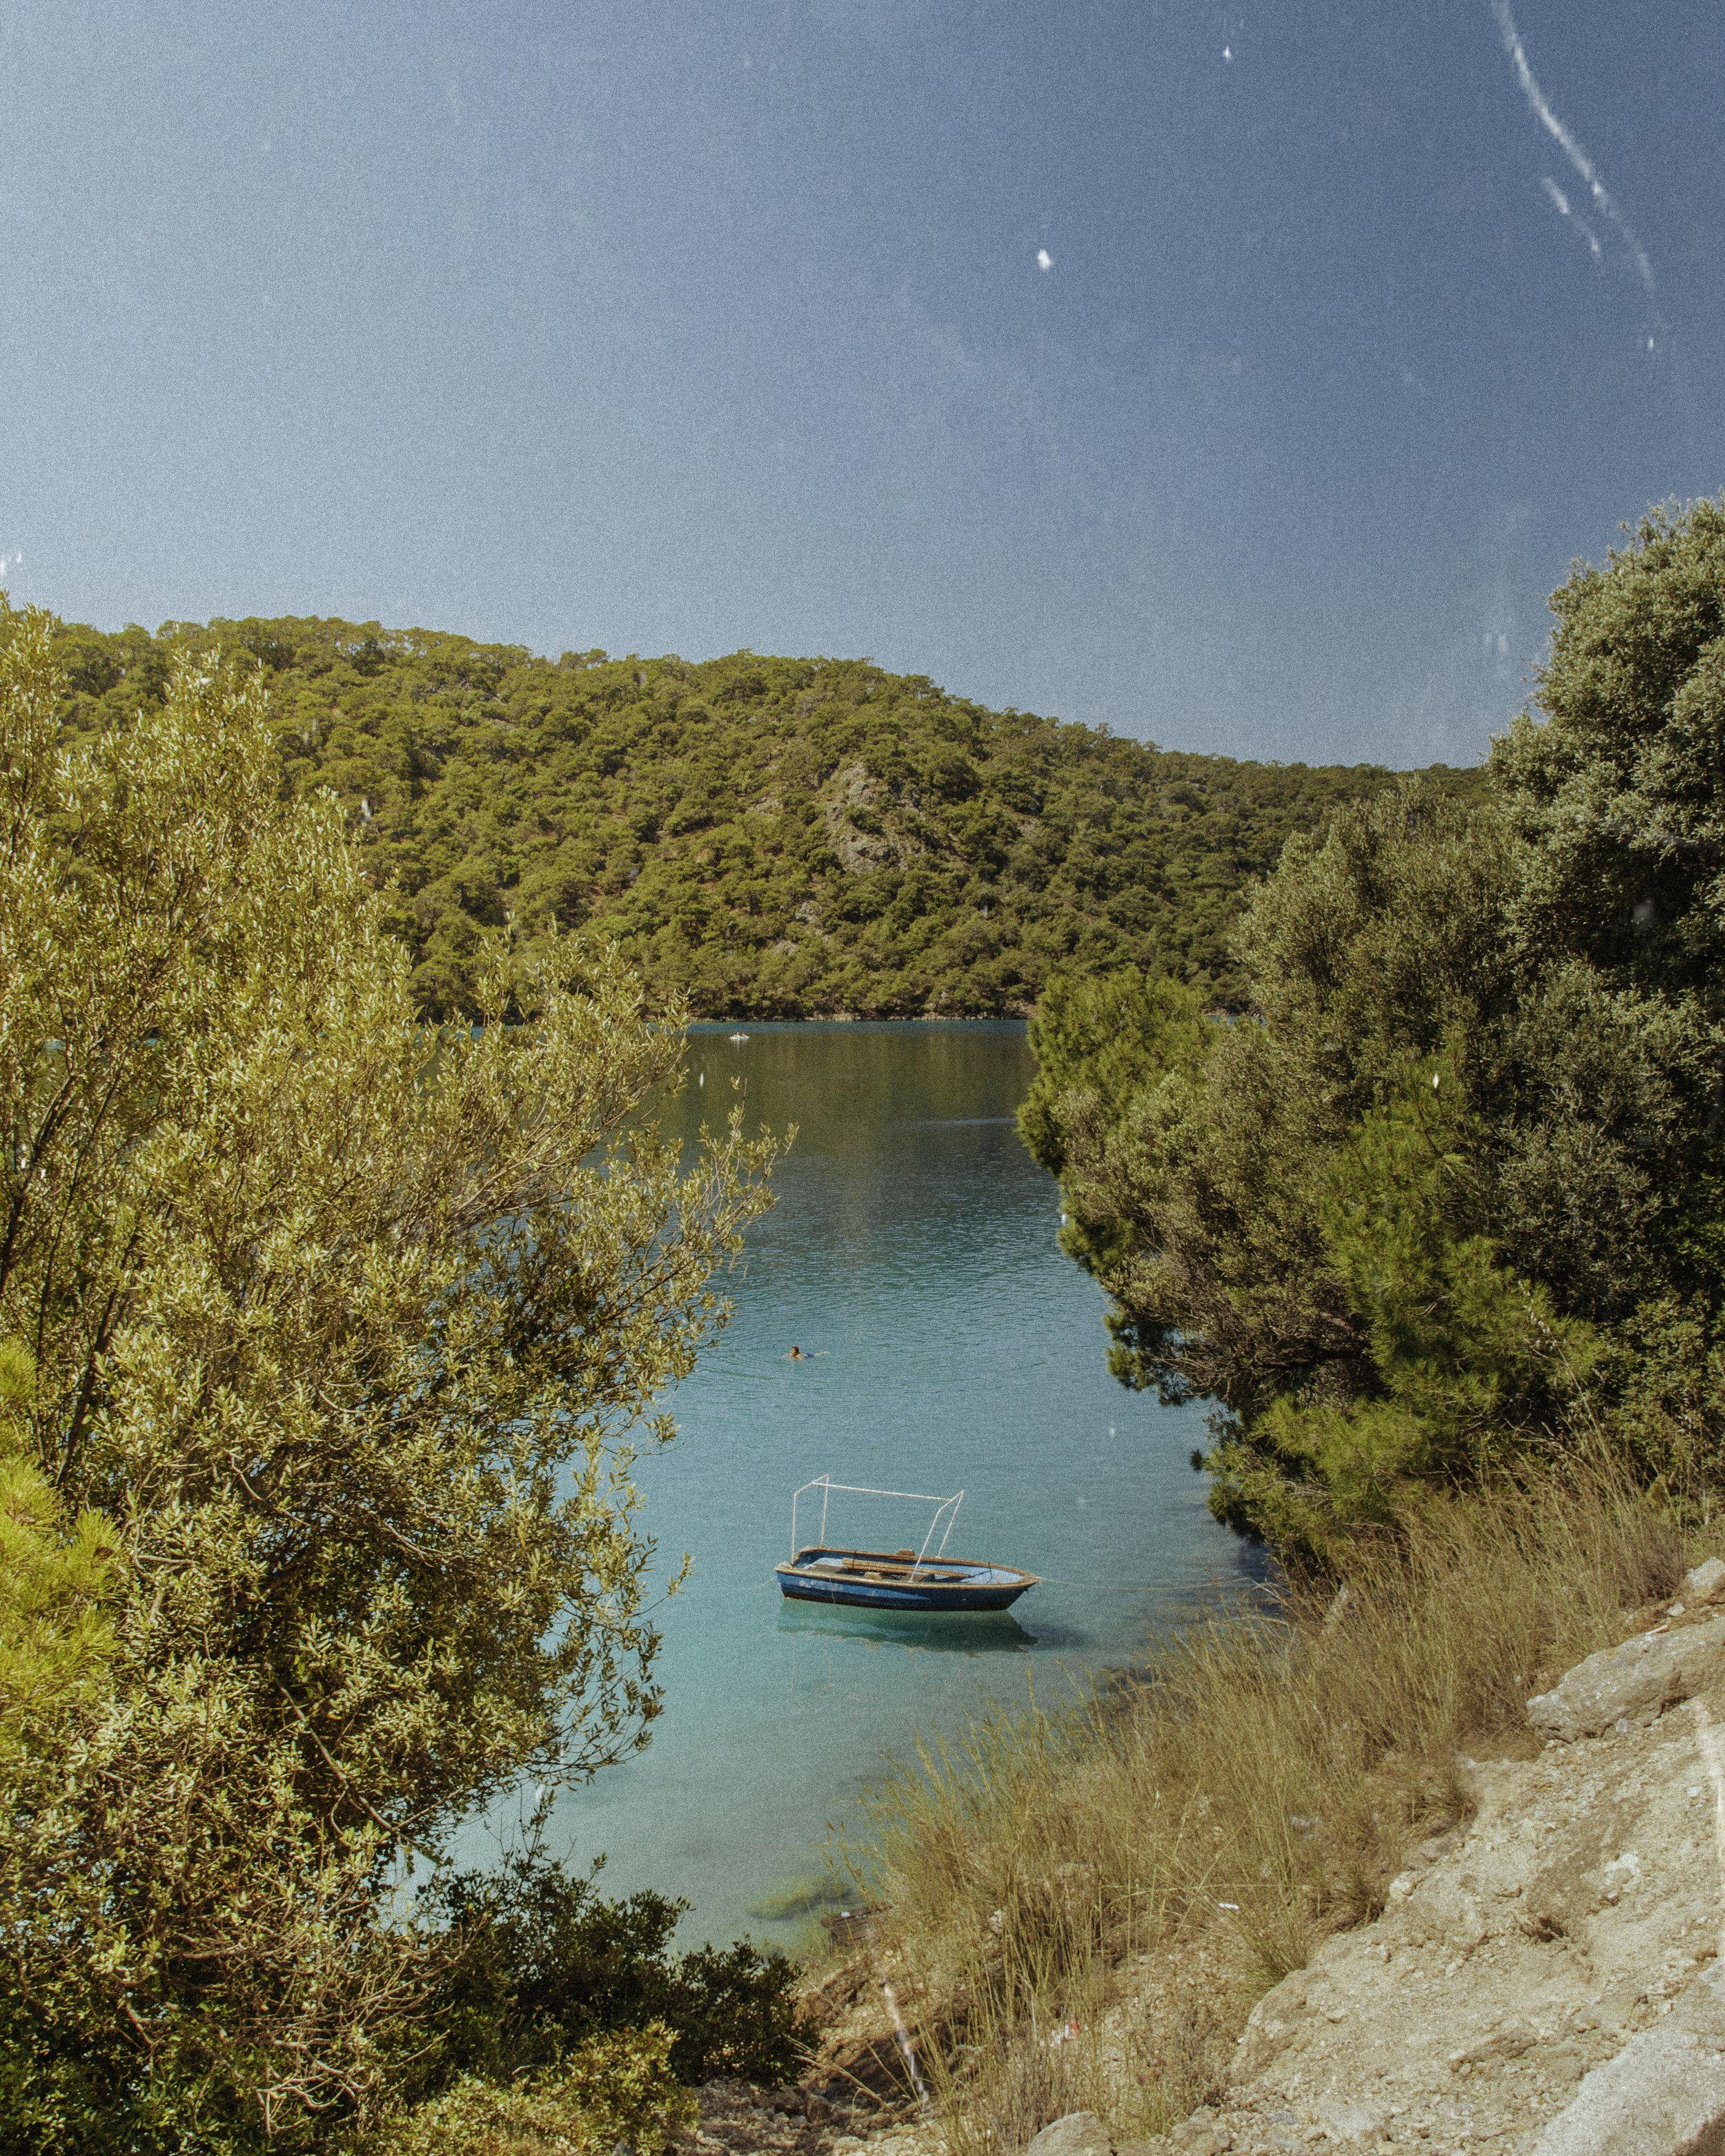 土耳其达拉曼奥鲁德尼兹美丽的蓝色泻湖